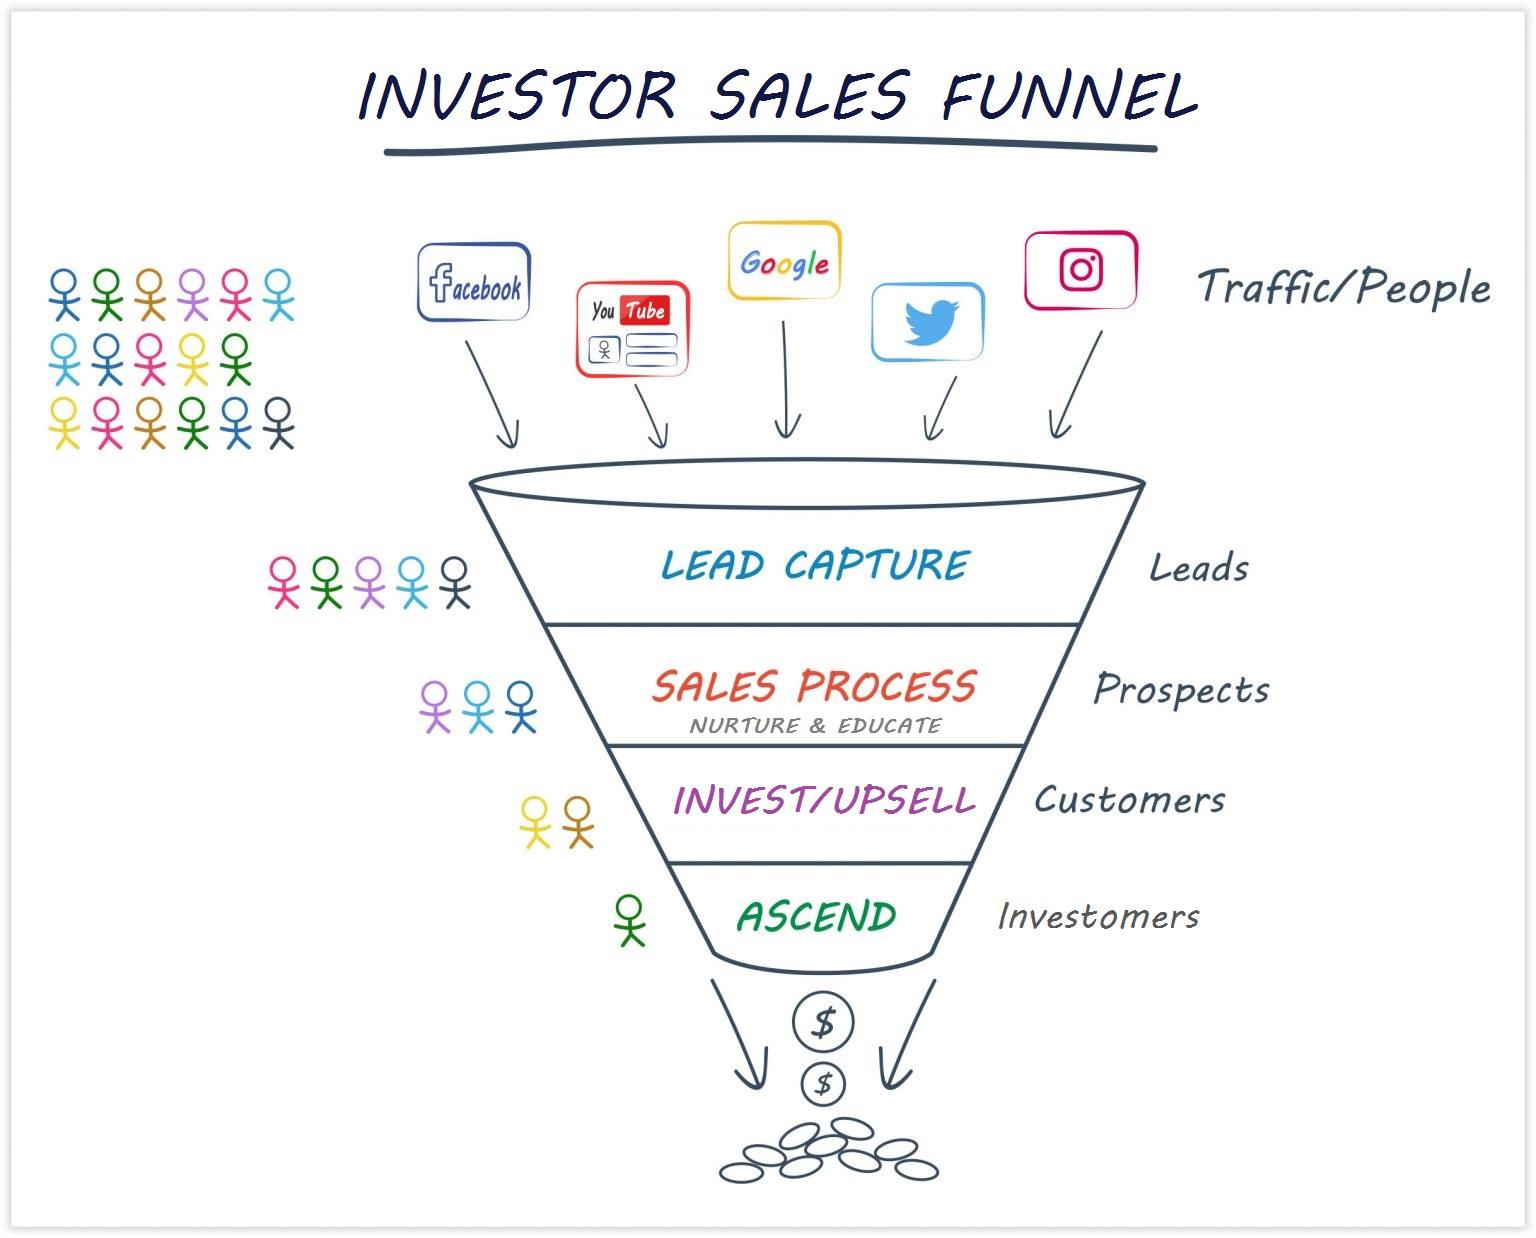 investor sales funnel